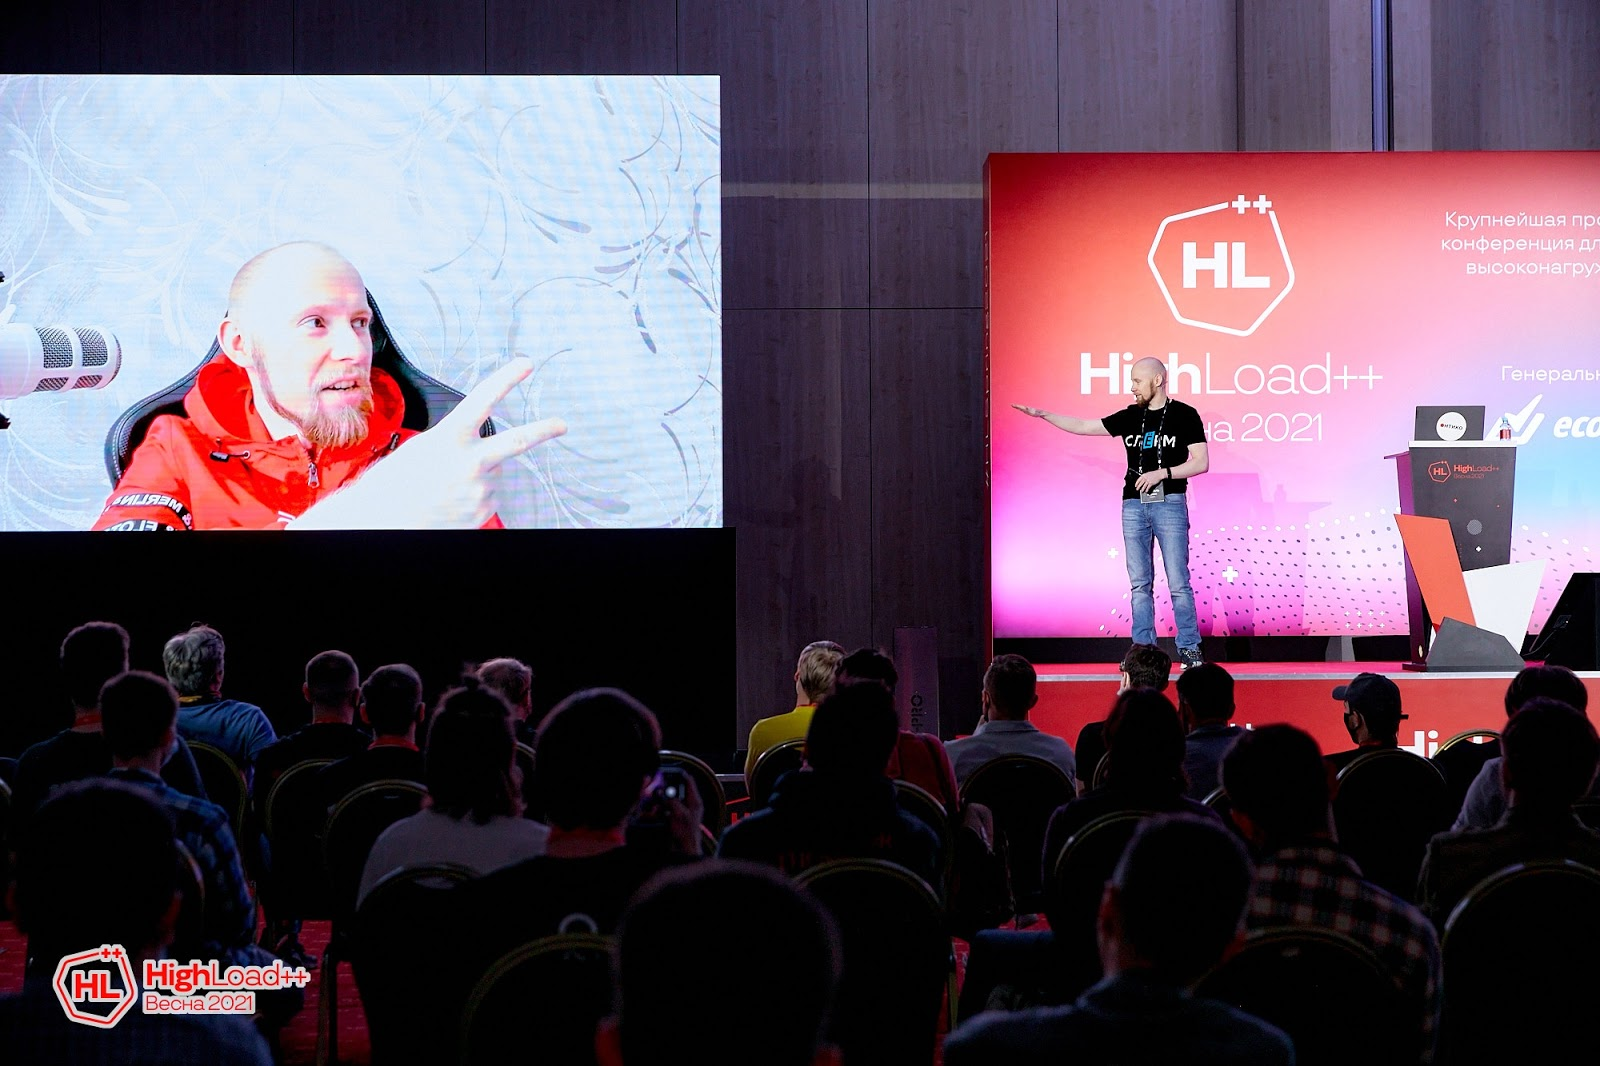 Конференции нового времени рассказываем о гибридном формате